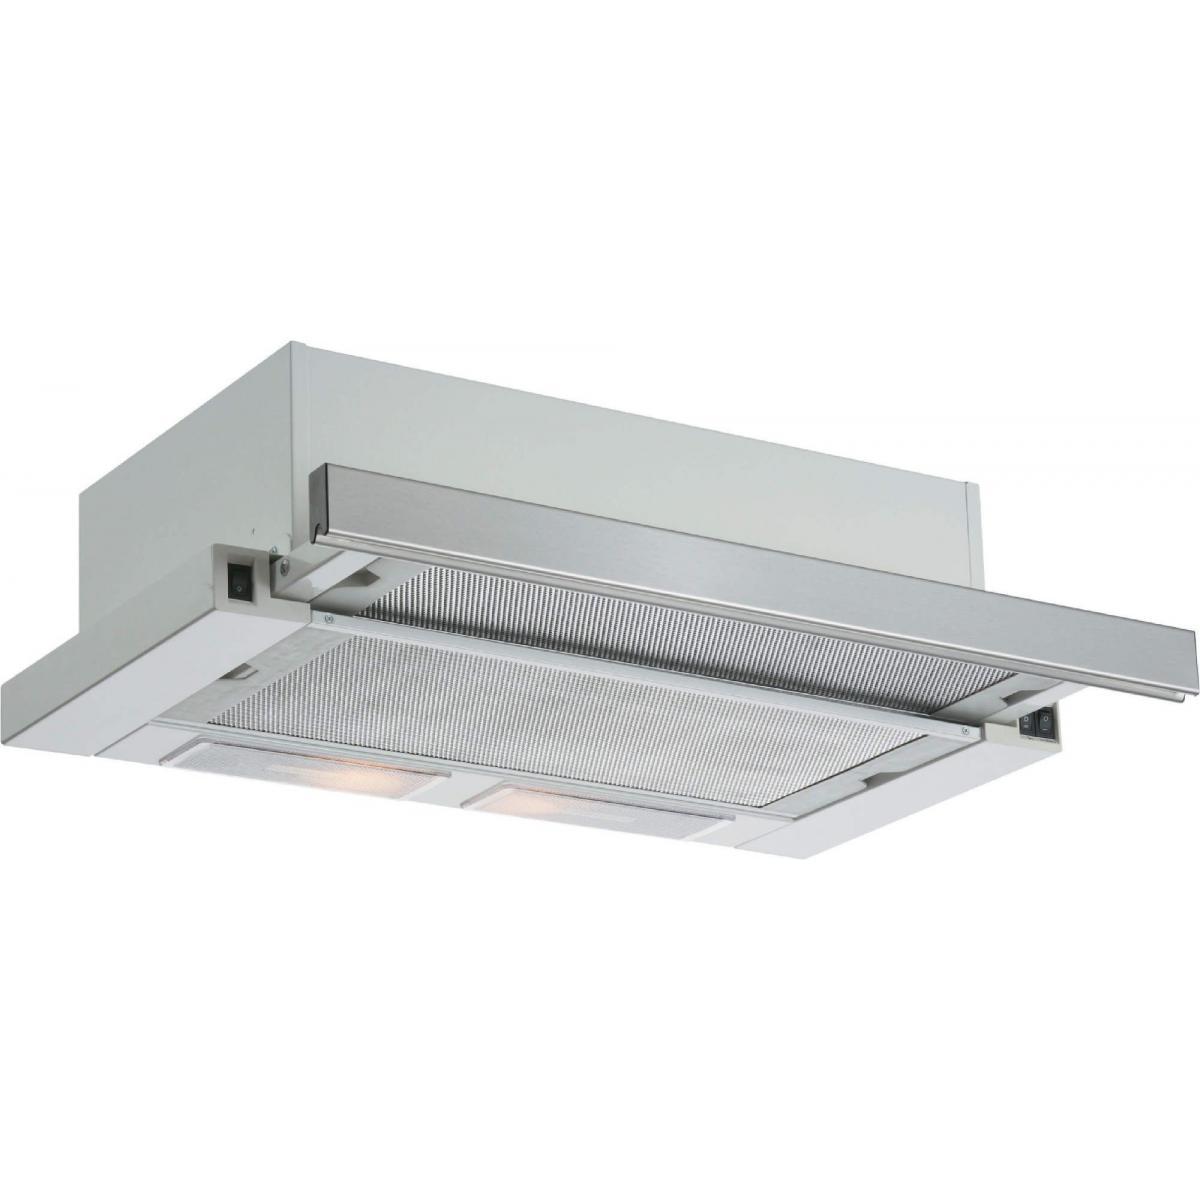 Silver Hotte tiroir 244m³/h SILVER 60cm, H 50060 015